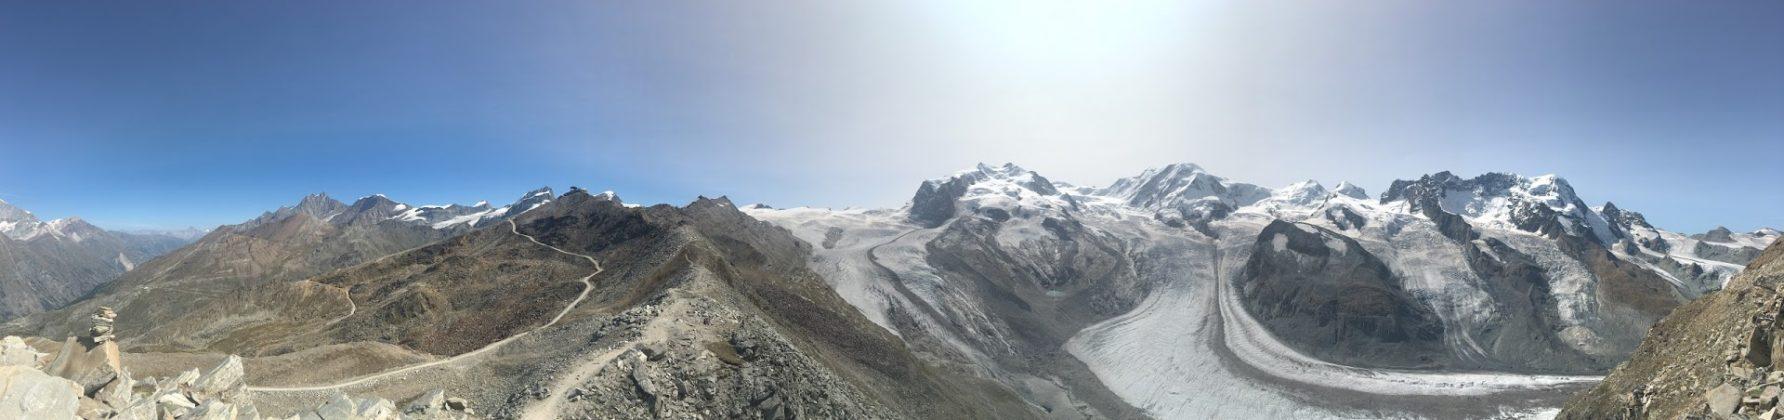 Panorama am Gornergrat, im Hintergrund Lieskamm und Monte-Rosa Massiv